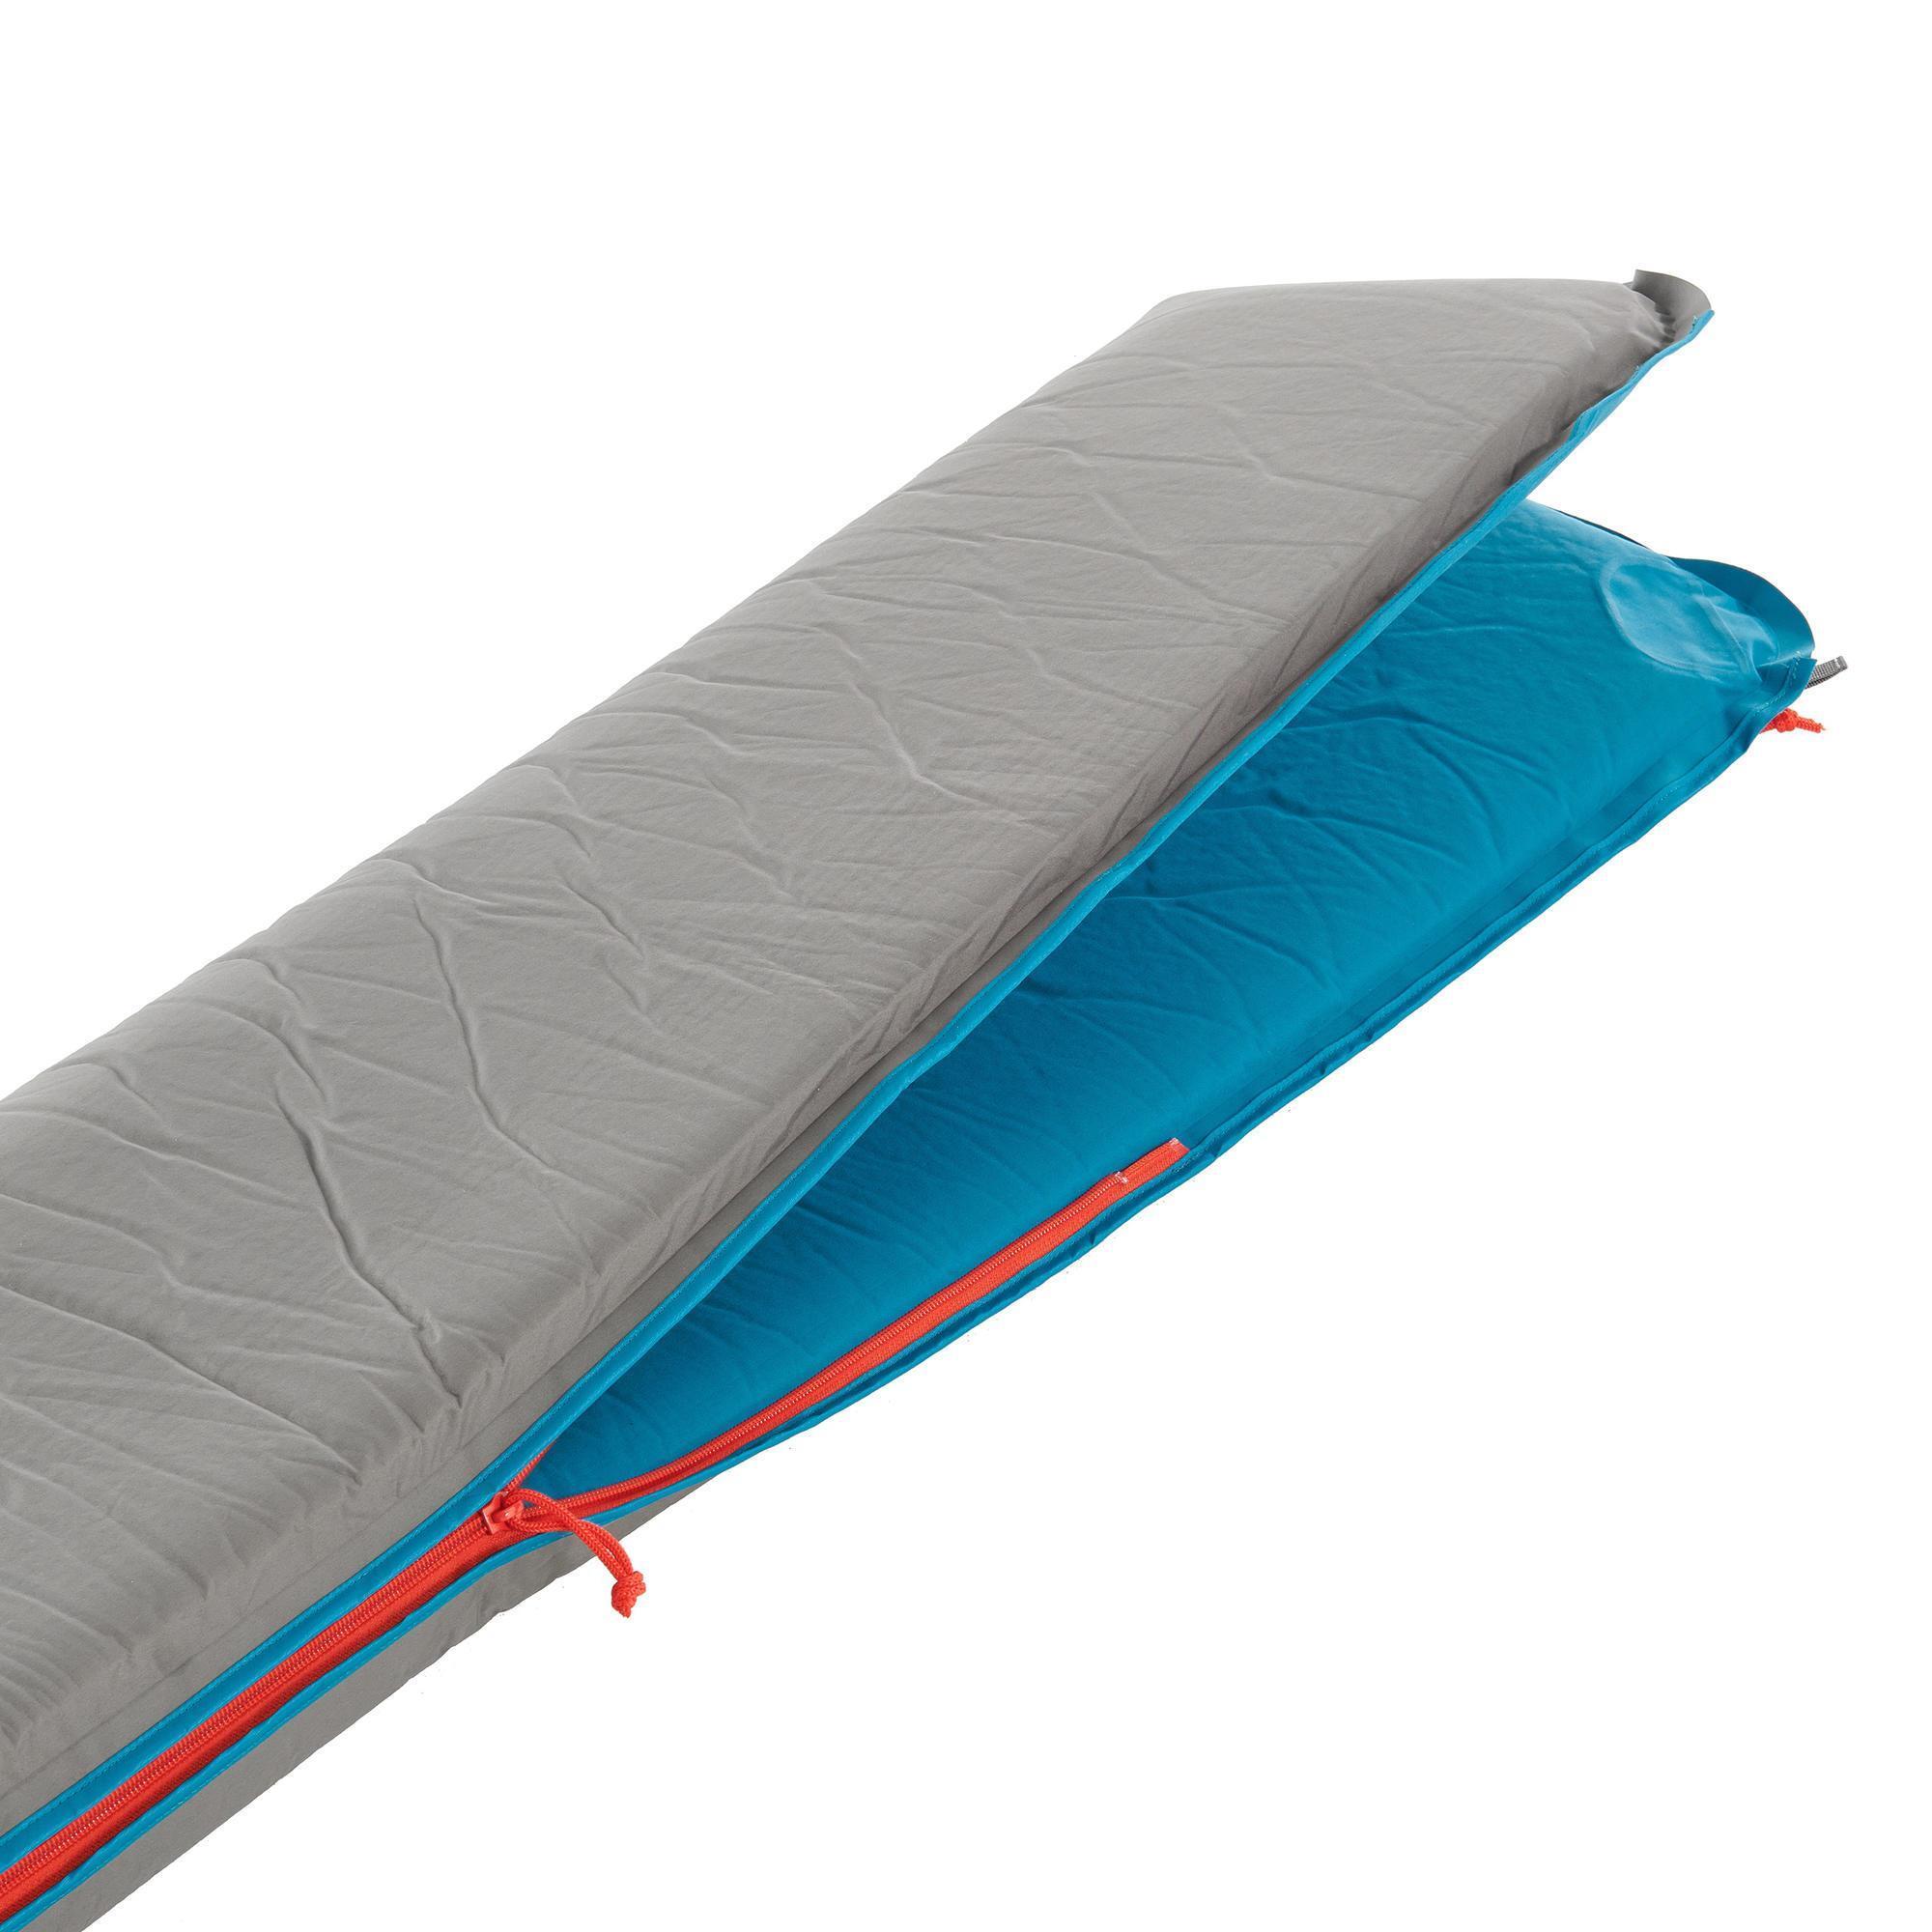 matelas autogonflant de camping comfort 65 cm 1 personne